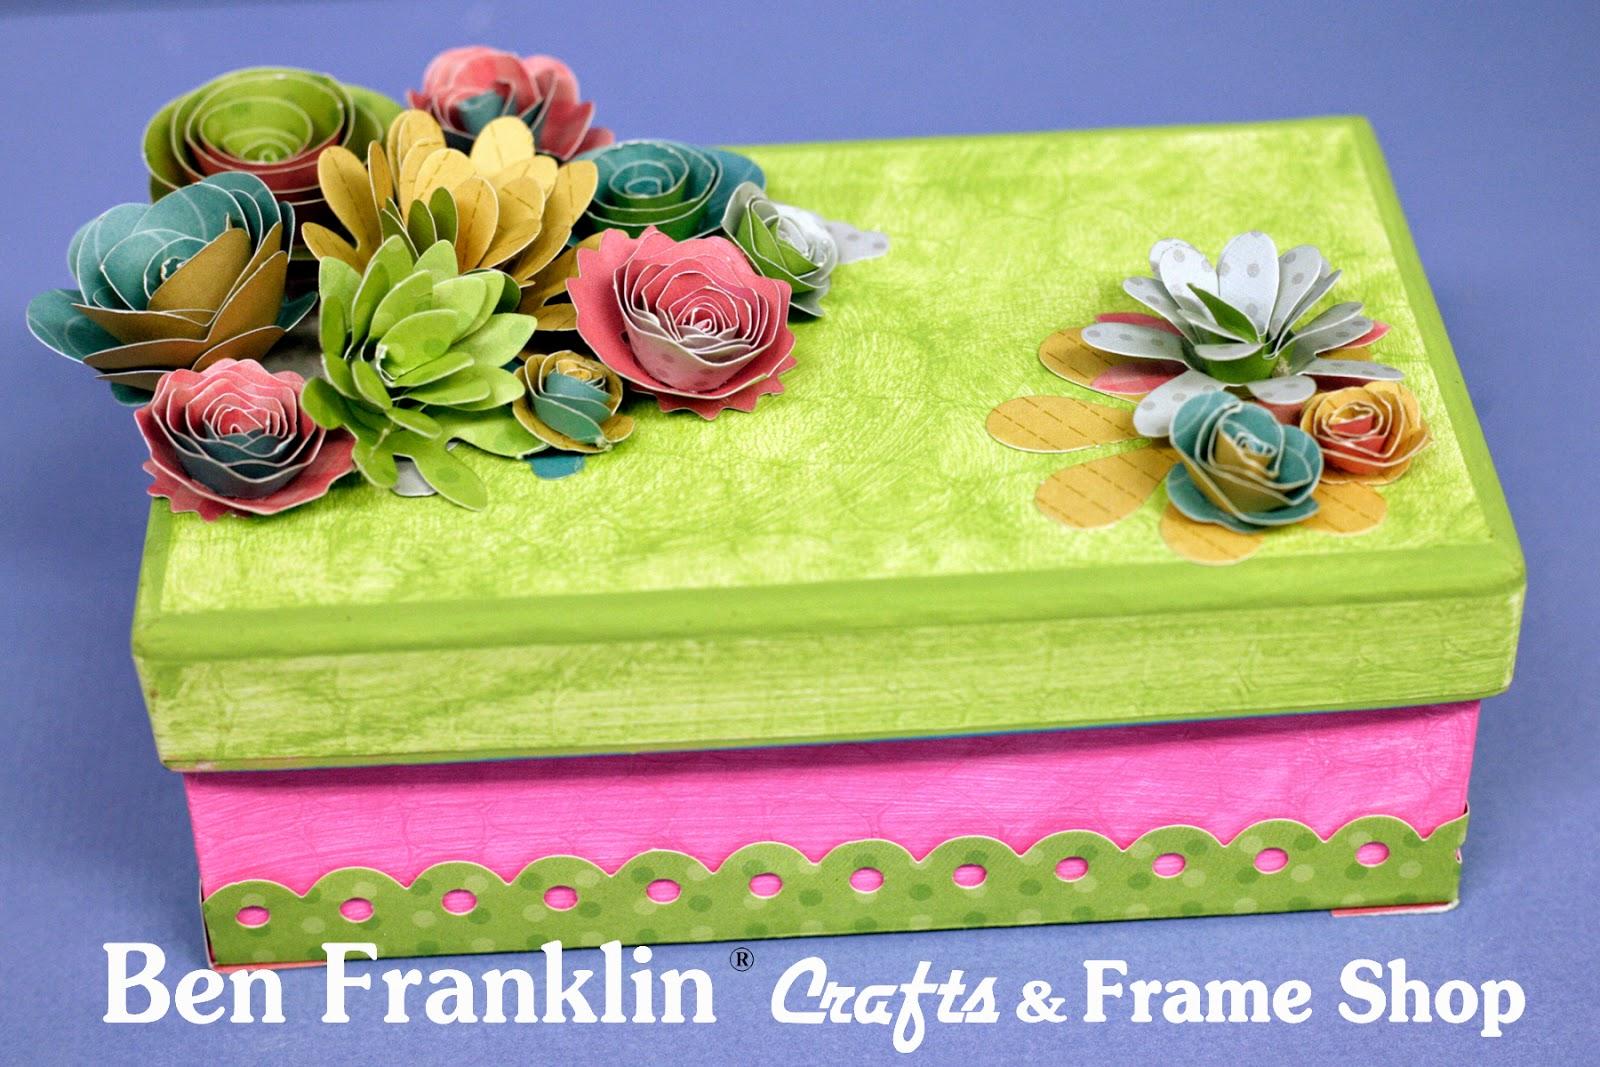 Ben franklin crafts and frame shop diy paper flower gift box for ben franklin crafts and frame shop diy paper flower gift box for mothers day mightylinksfo